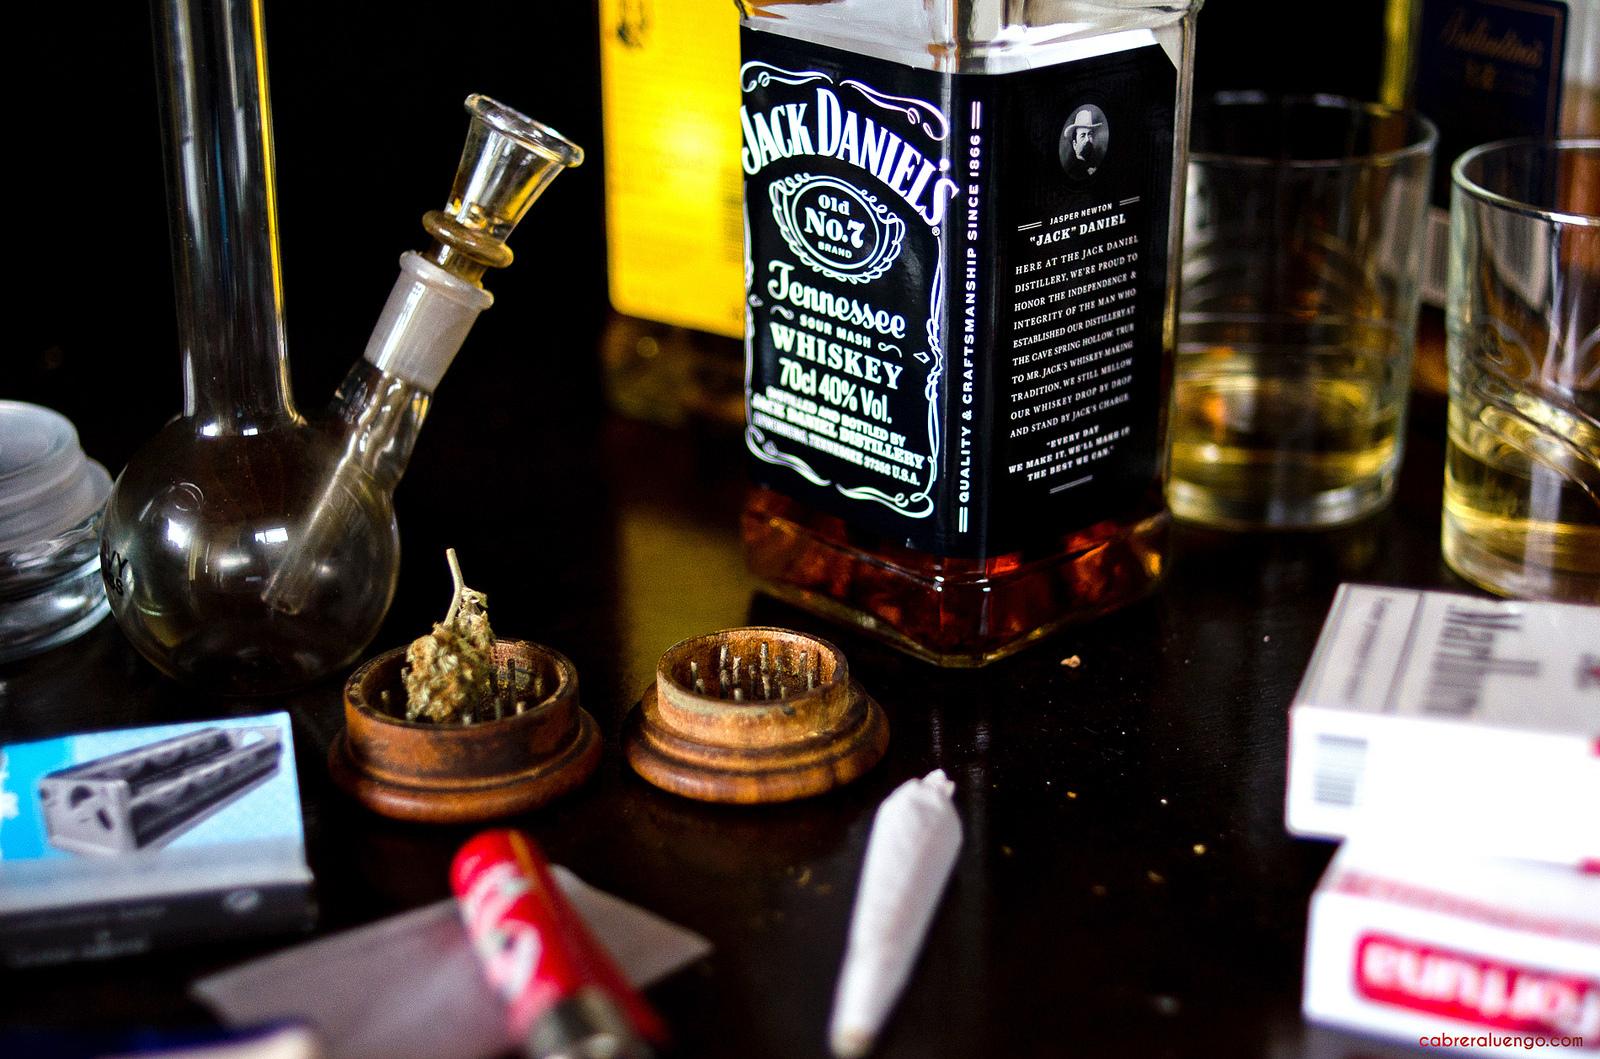 El consumo de alcohol y marihuana aumentó durante la cuarentena, según estudio